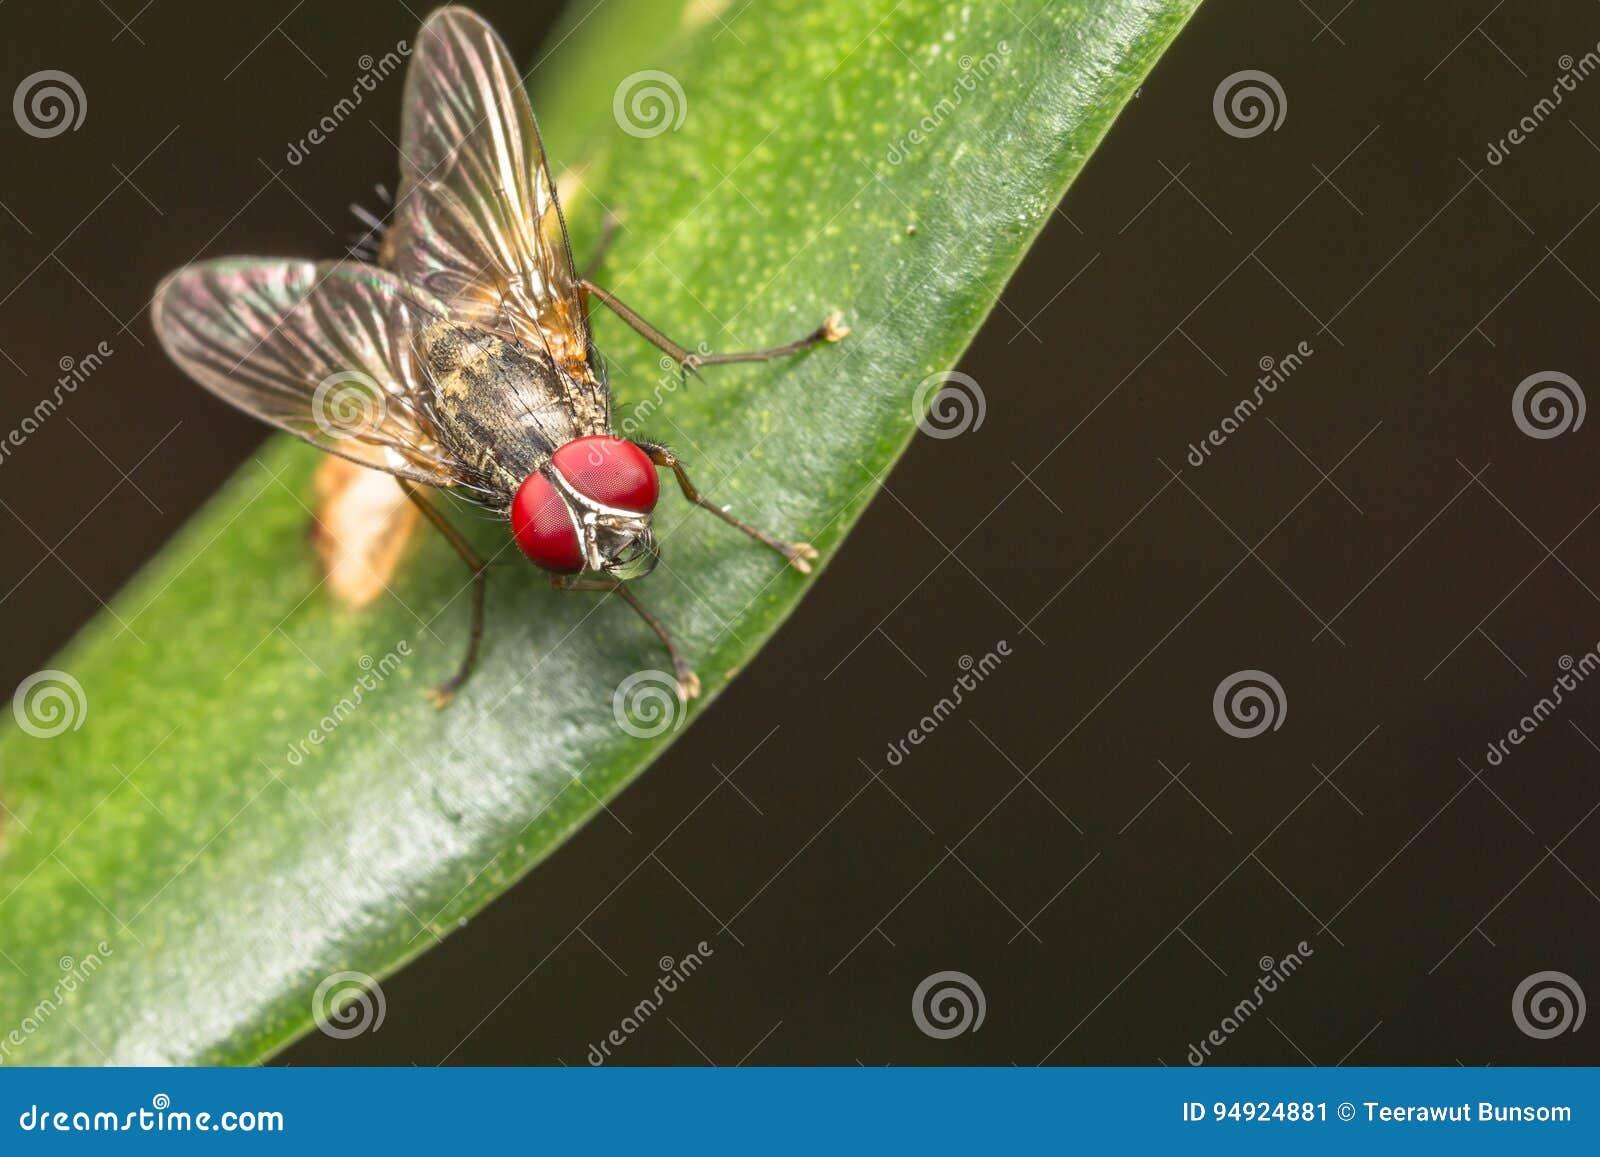 Komarnica insekt